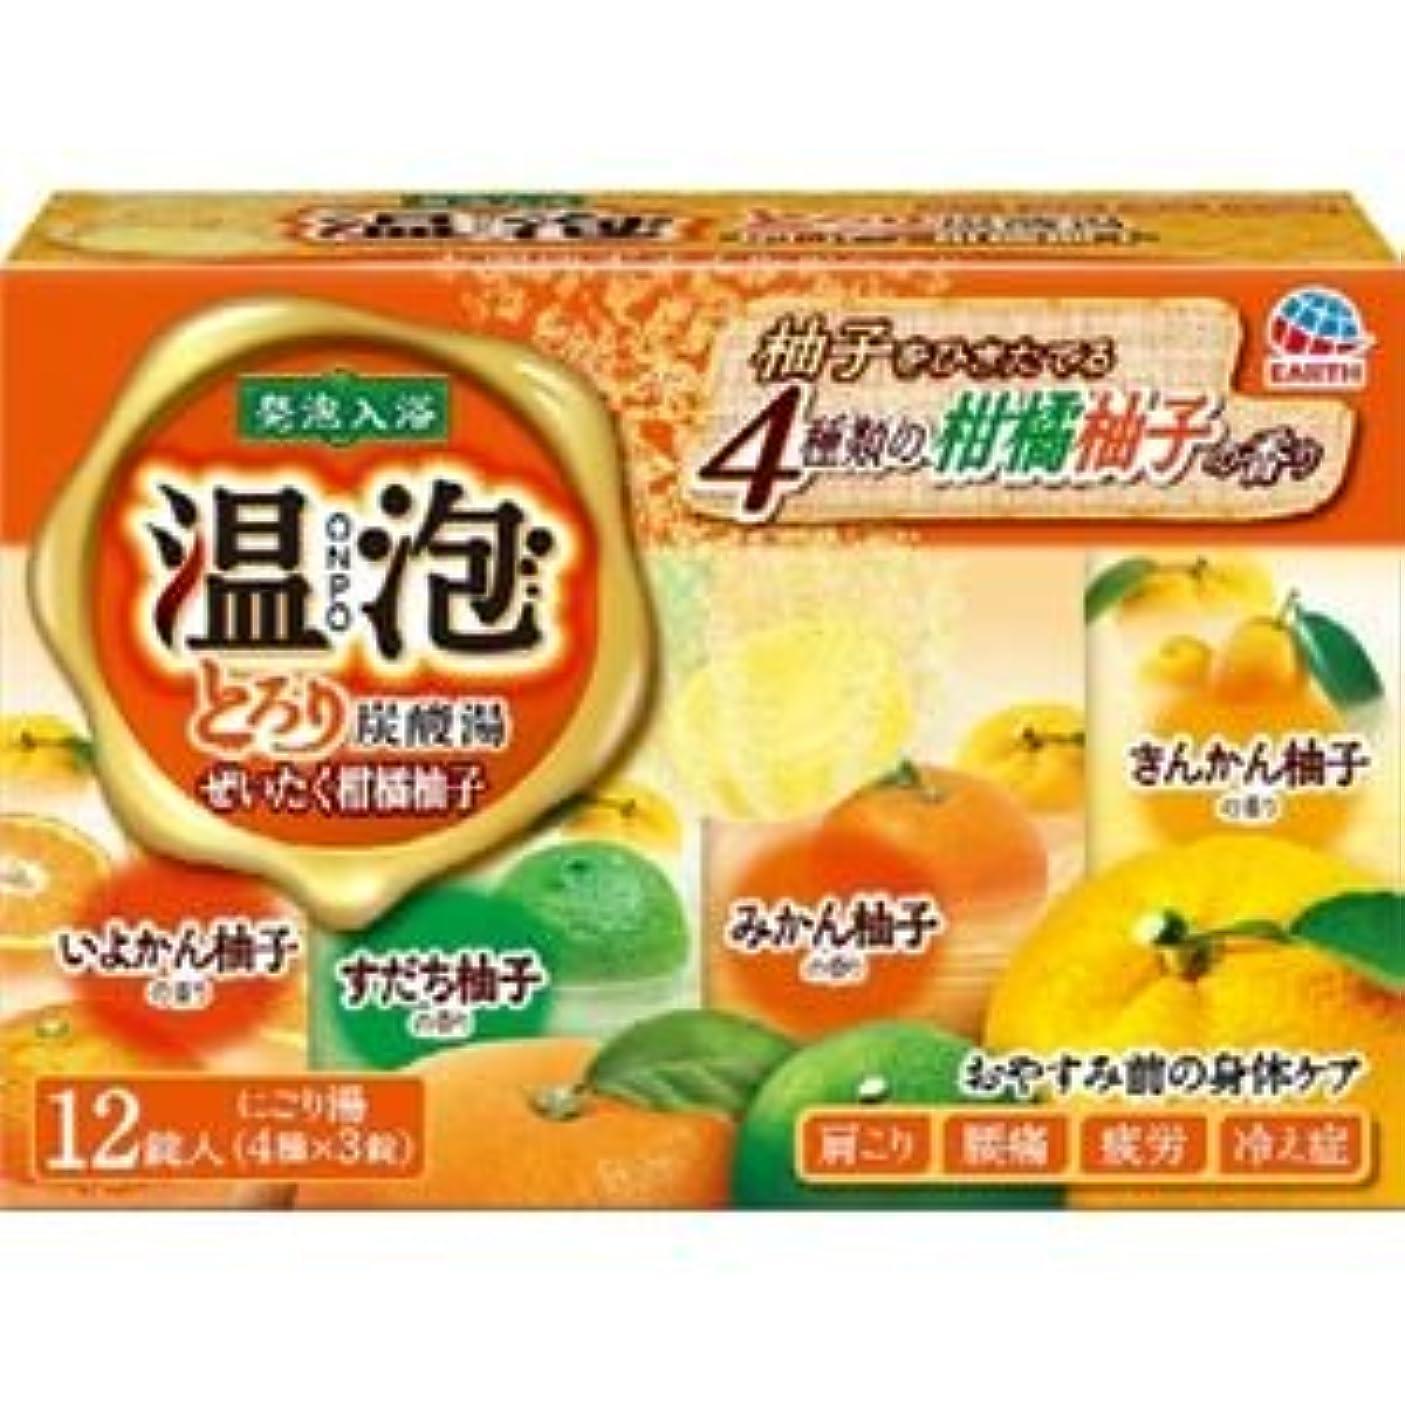 ビン公演緑(まとめ)アース製薬 温泡とろり炭酸湯ぜいたく柑橘柚子12錠入 【×3点セット】